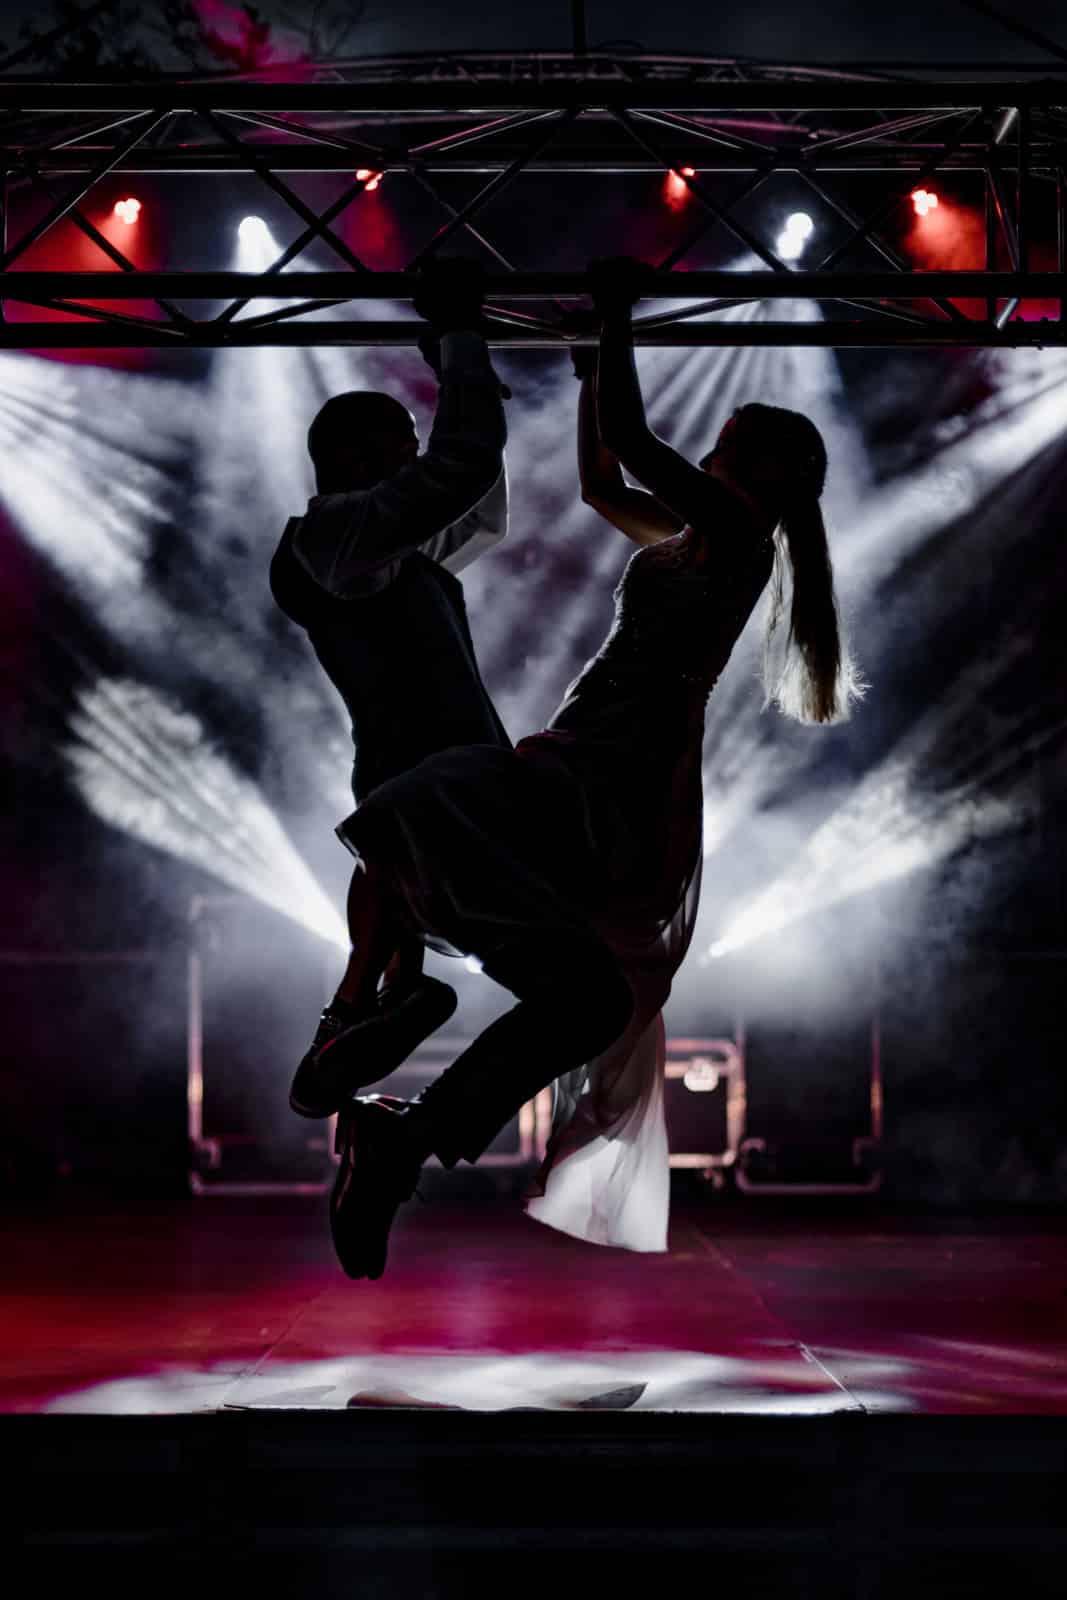 Brautpaar macht Klimmzüge als Silhouette an einer Traverse auf einer Bühne.